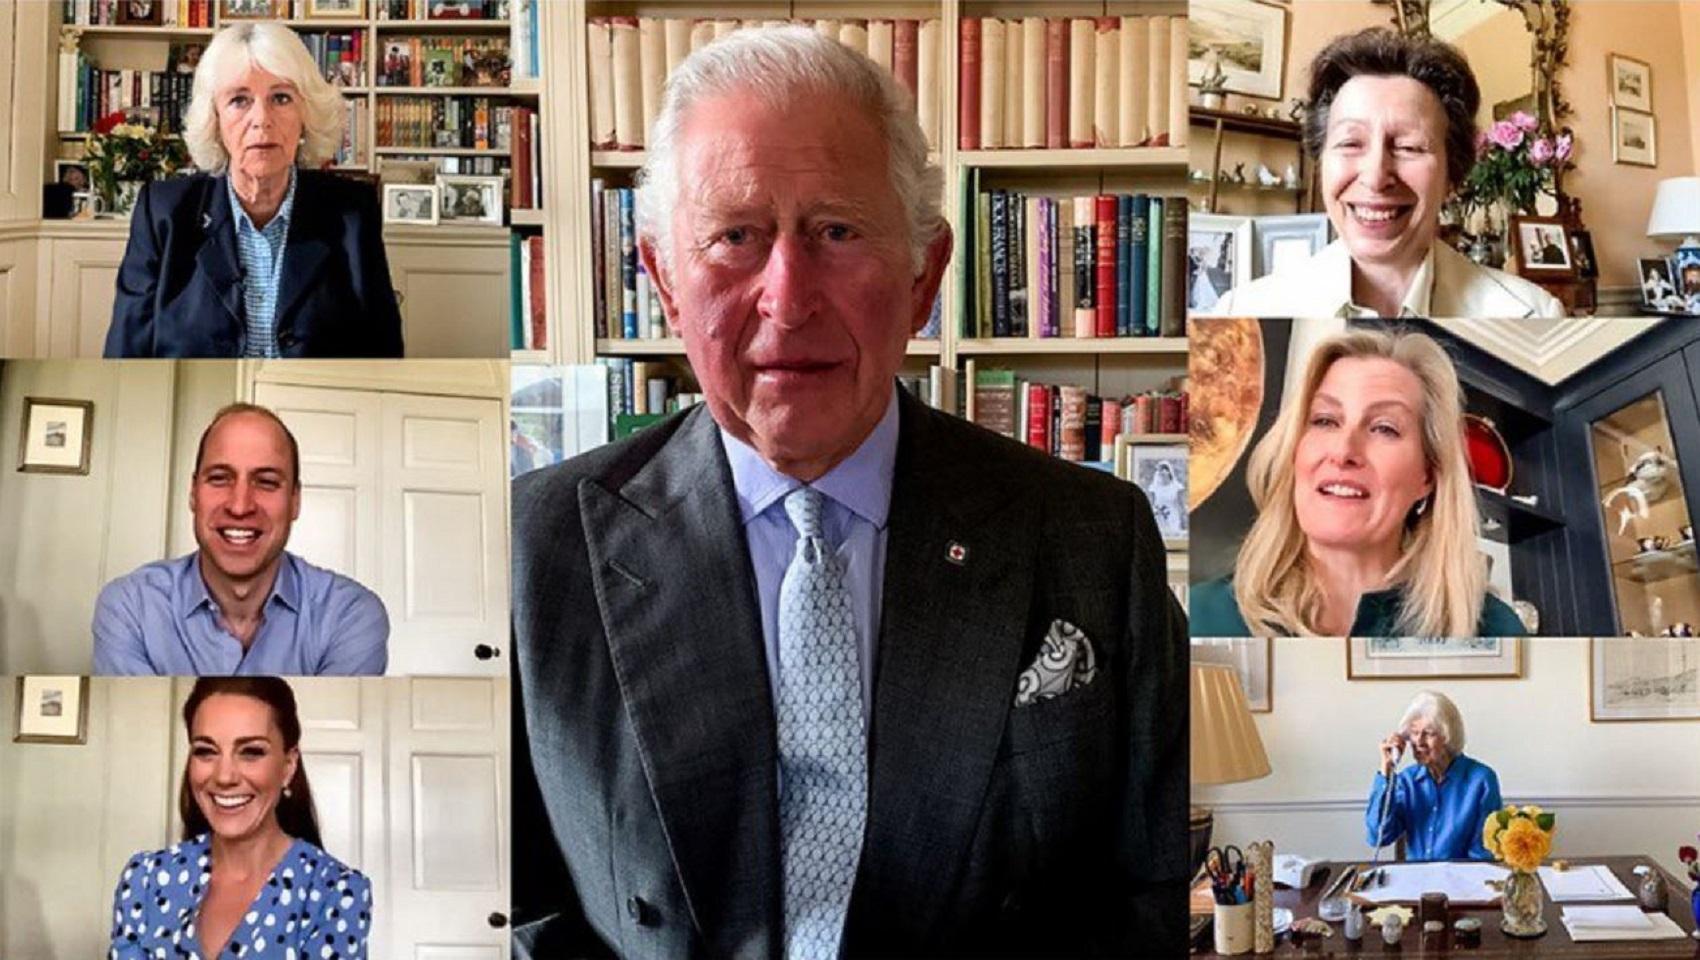 Realeza Britanica Família Real Britânica Junta-Se Em Videochamada Por Uma Boa Causa